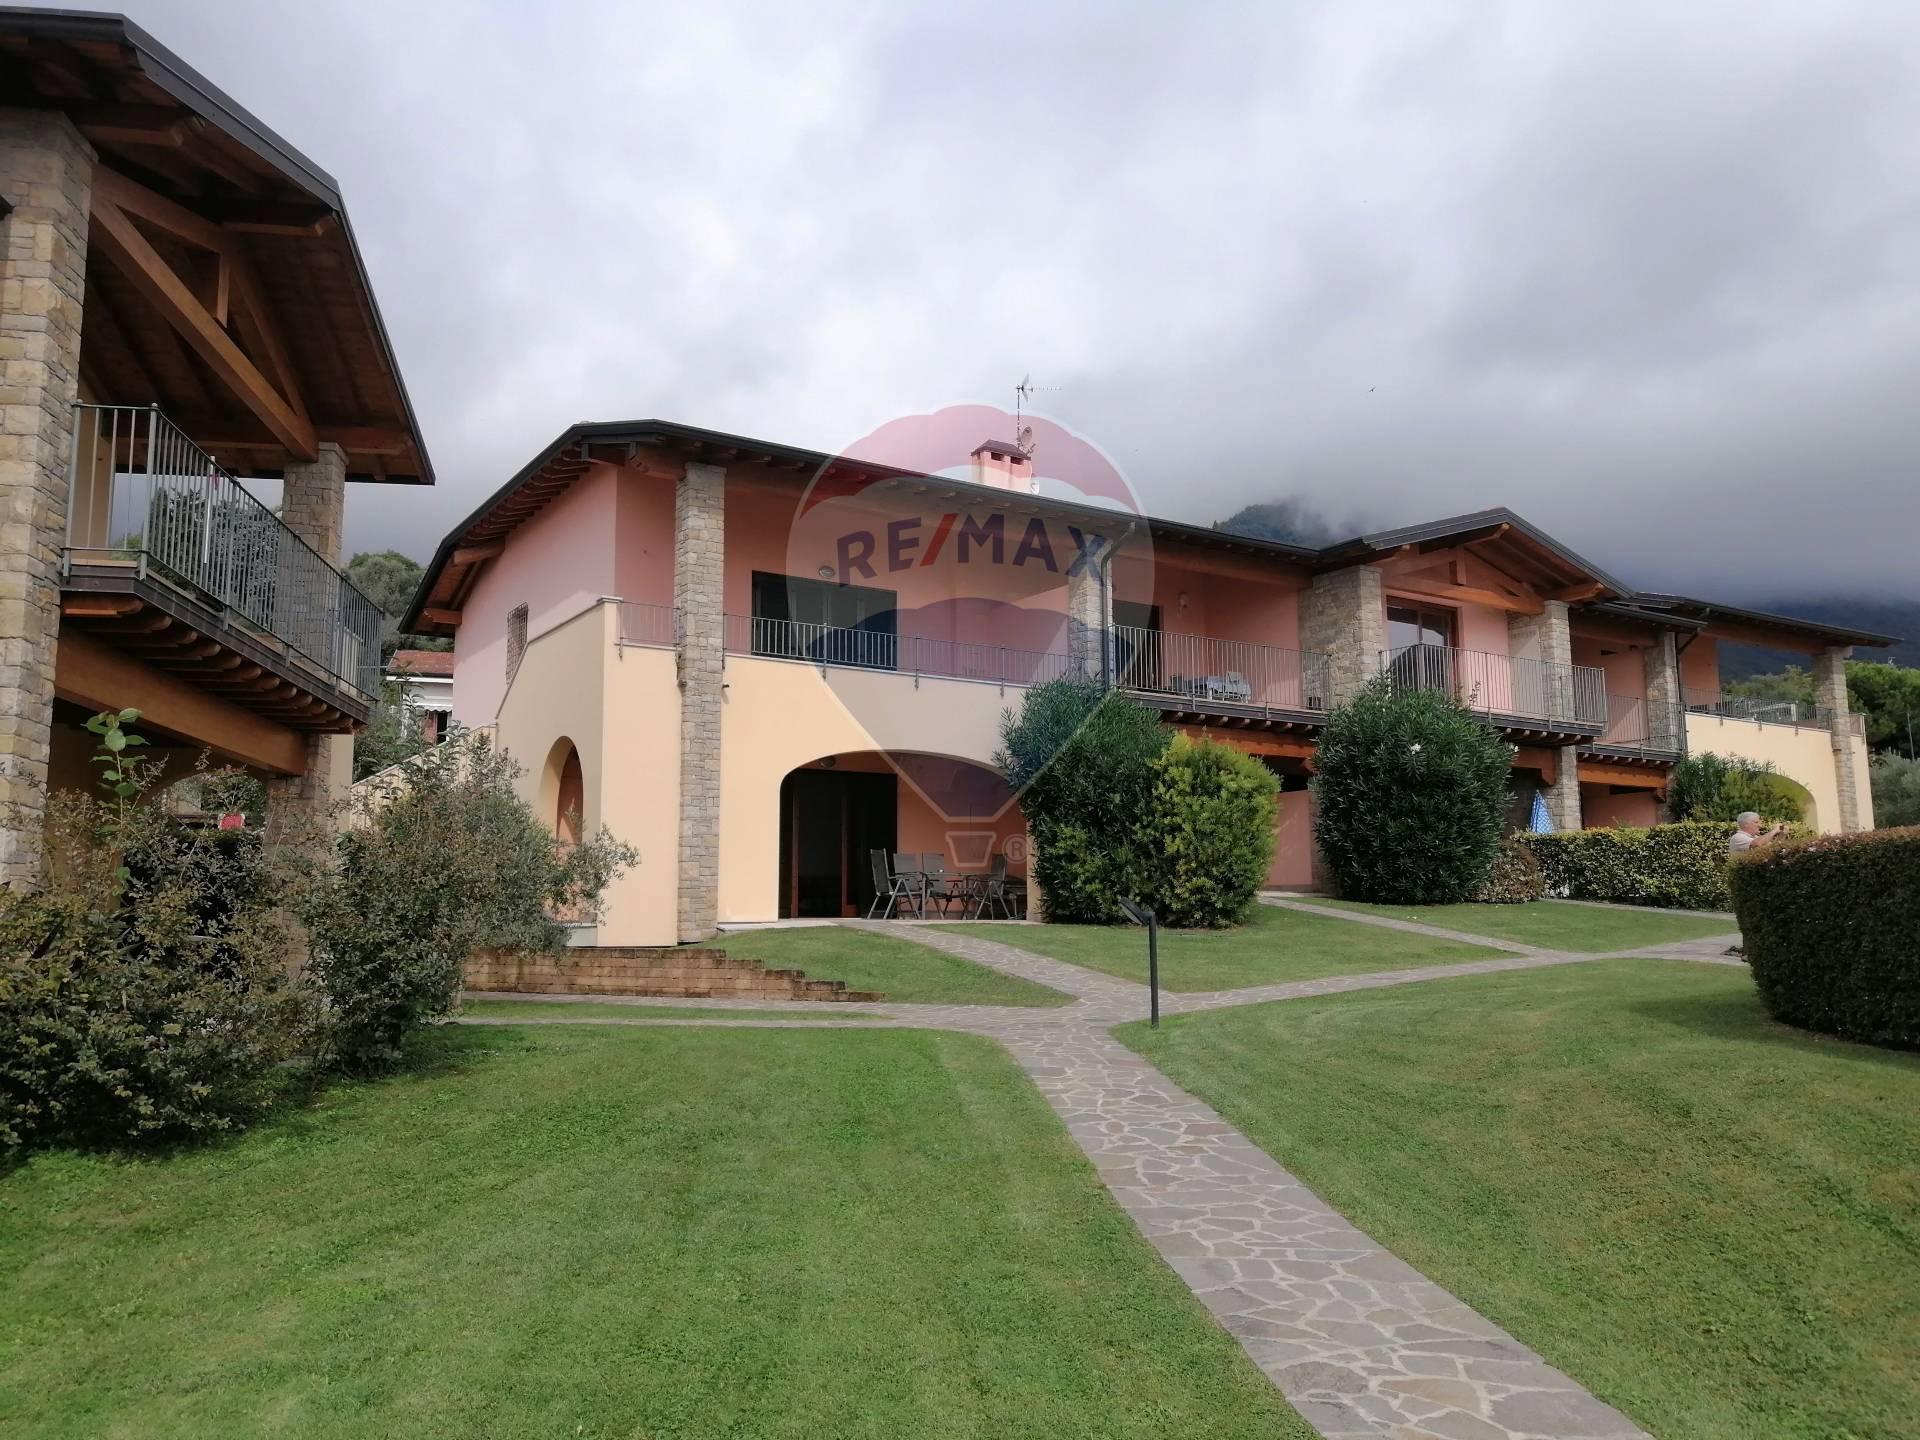 Appartamento in vendita a Toscolano-Maderno, 3 locali, zona Località: MonteMaderno, prezzo € 336.000   CambioCasa.it